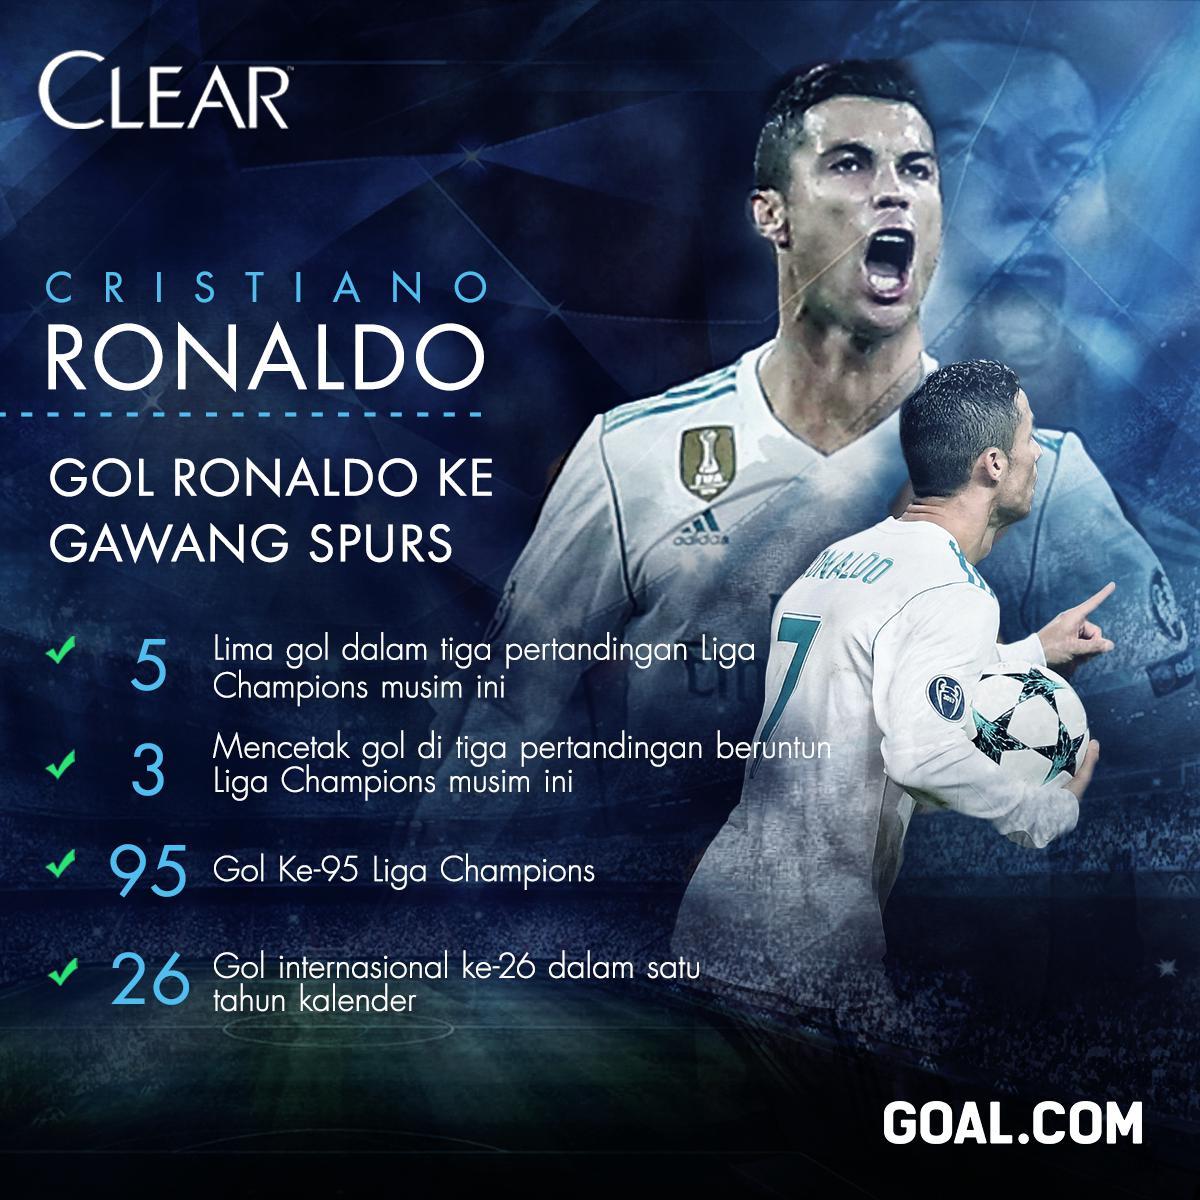 gfx id - Cristiano Ronaldo Clear